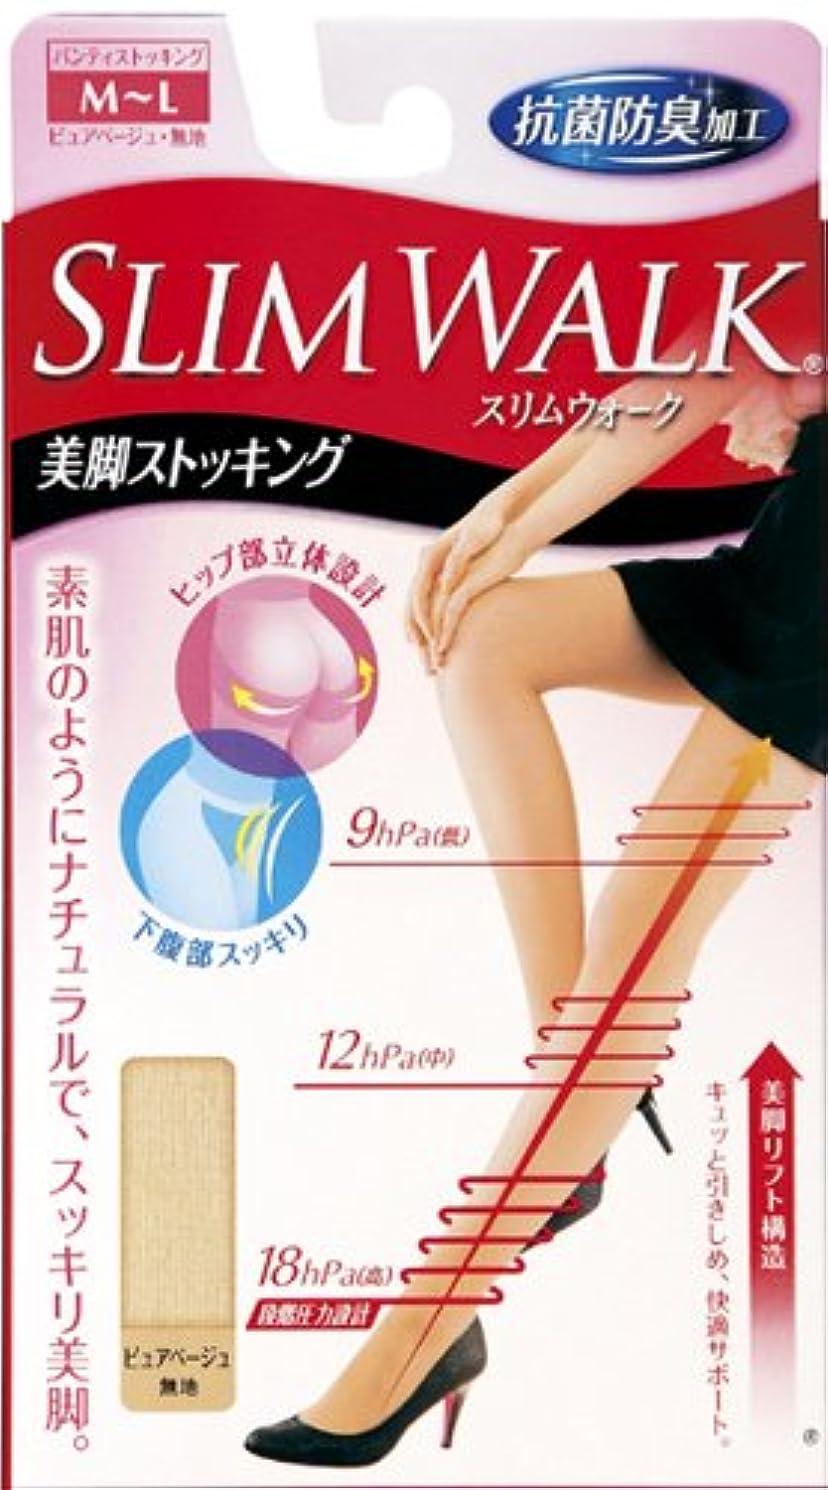 完了信仰粒子スリムウォーク 美脚ストッキング M-Lサイズ ピュアベージュ(SLIM WALK,pantyhose,ML)